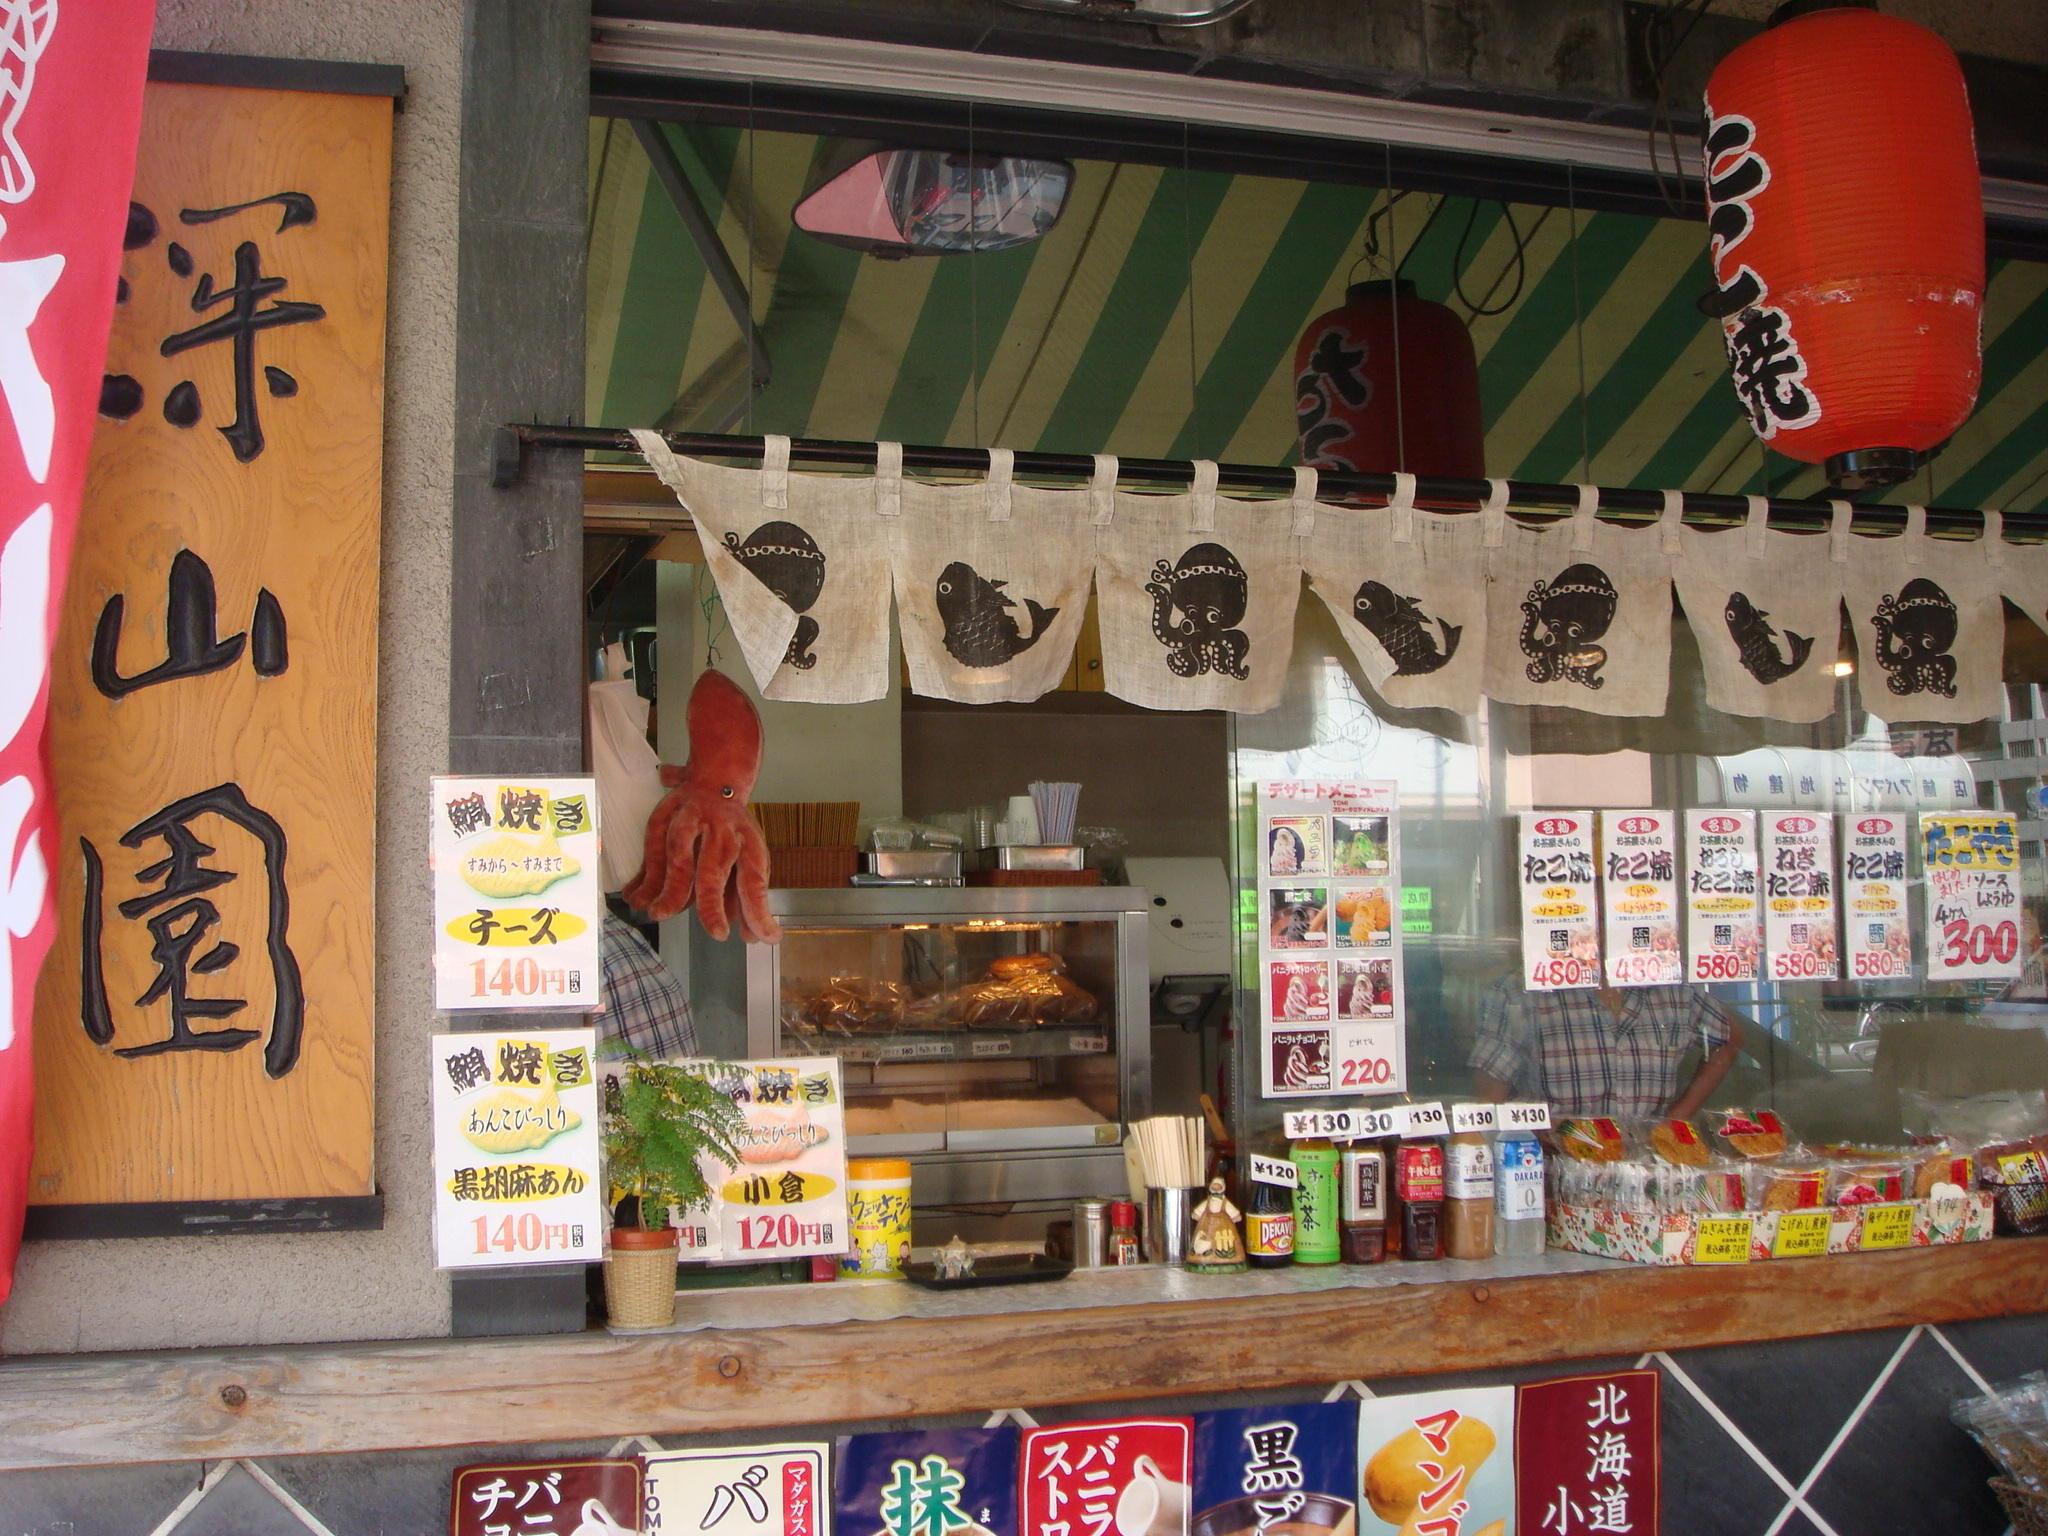 Miyamaen, East Shinjuku